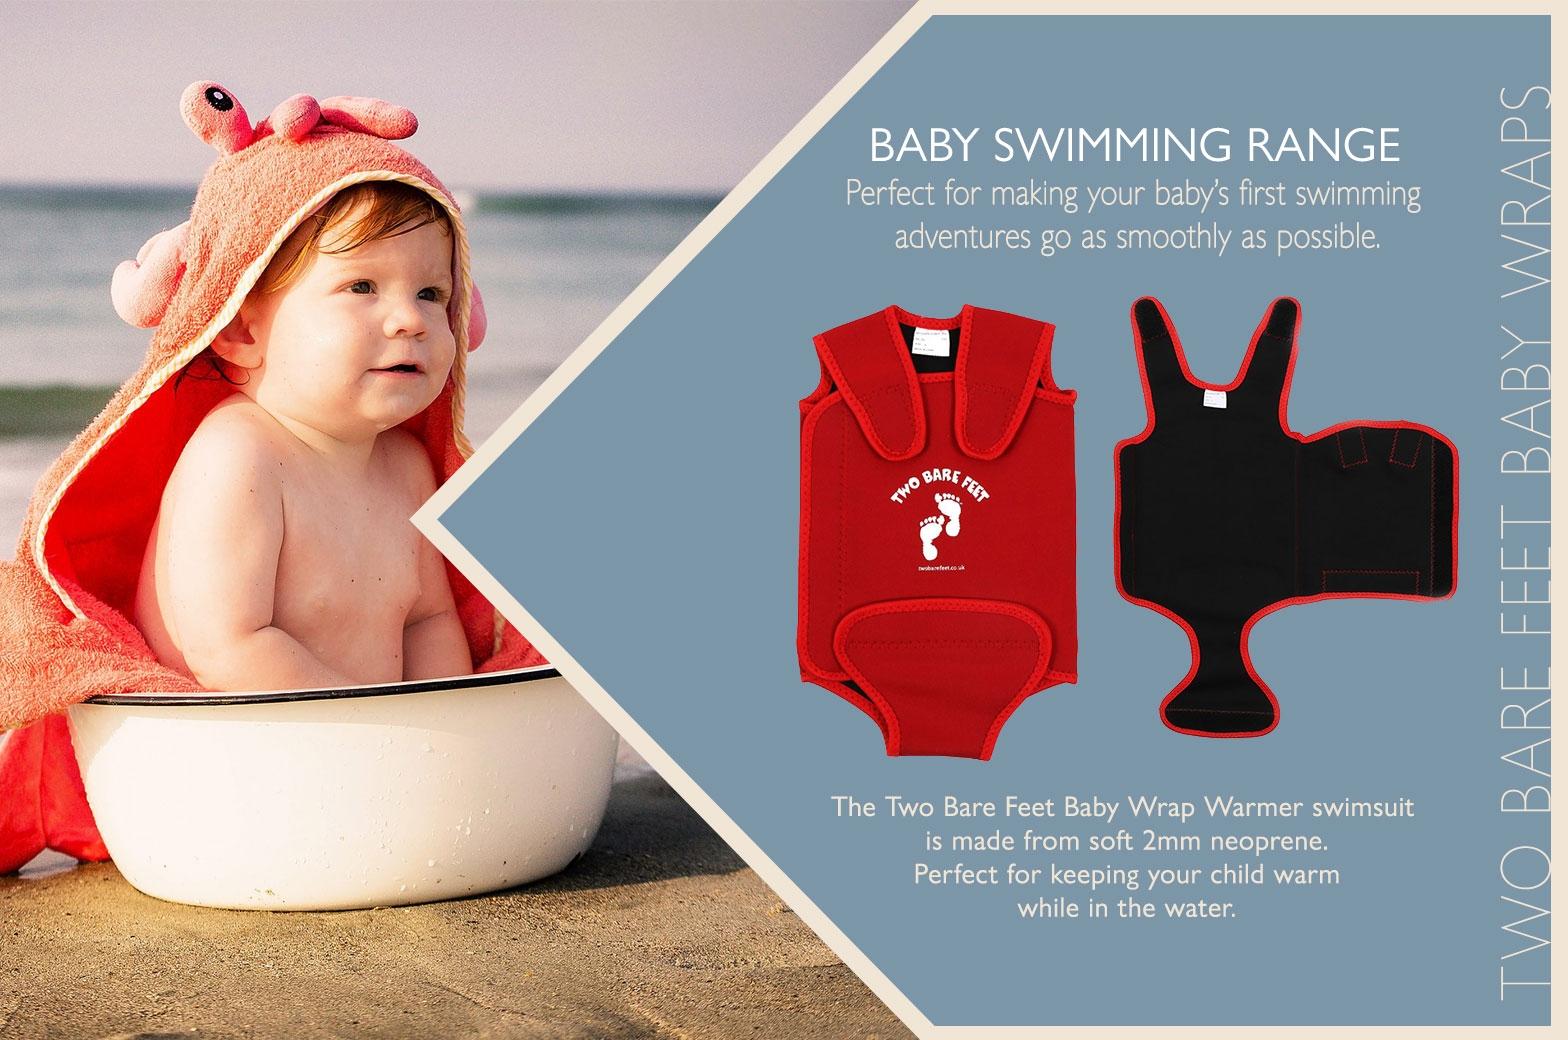 Warm baby swim wrap info